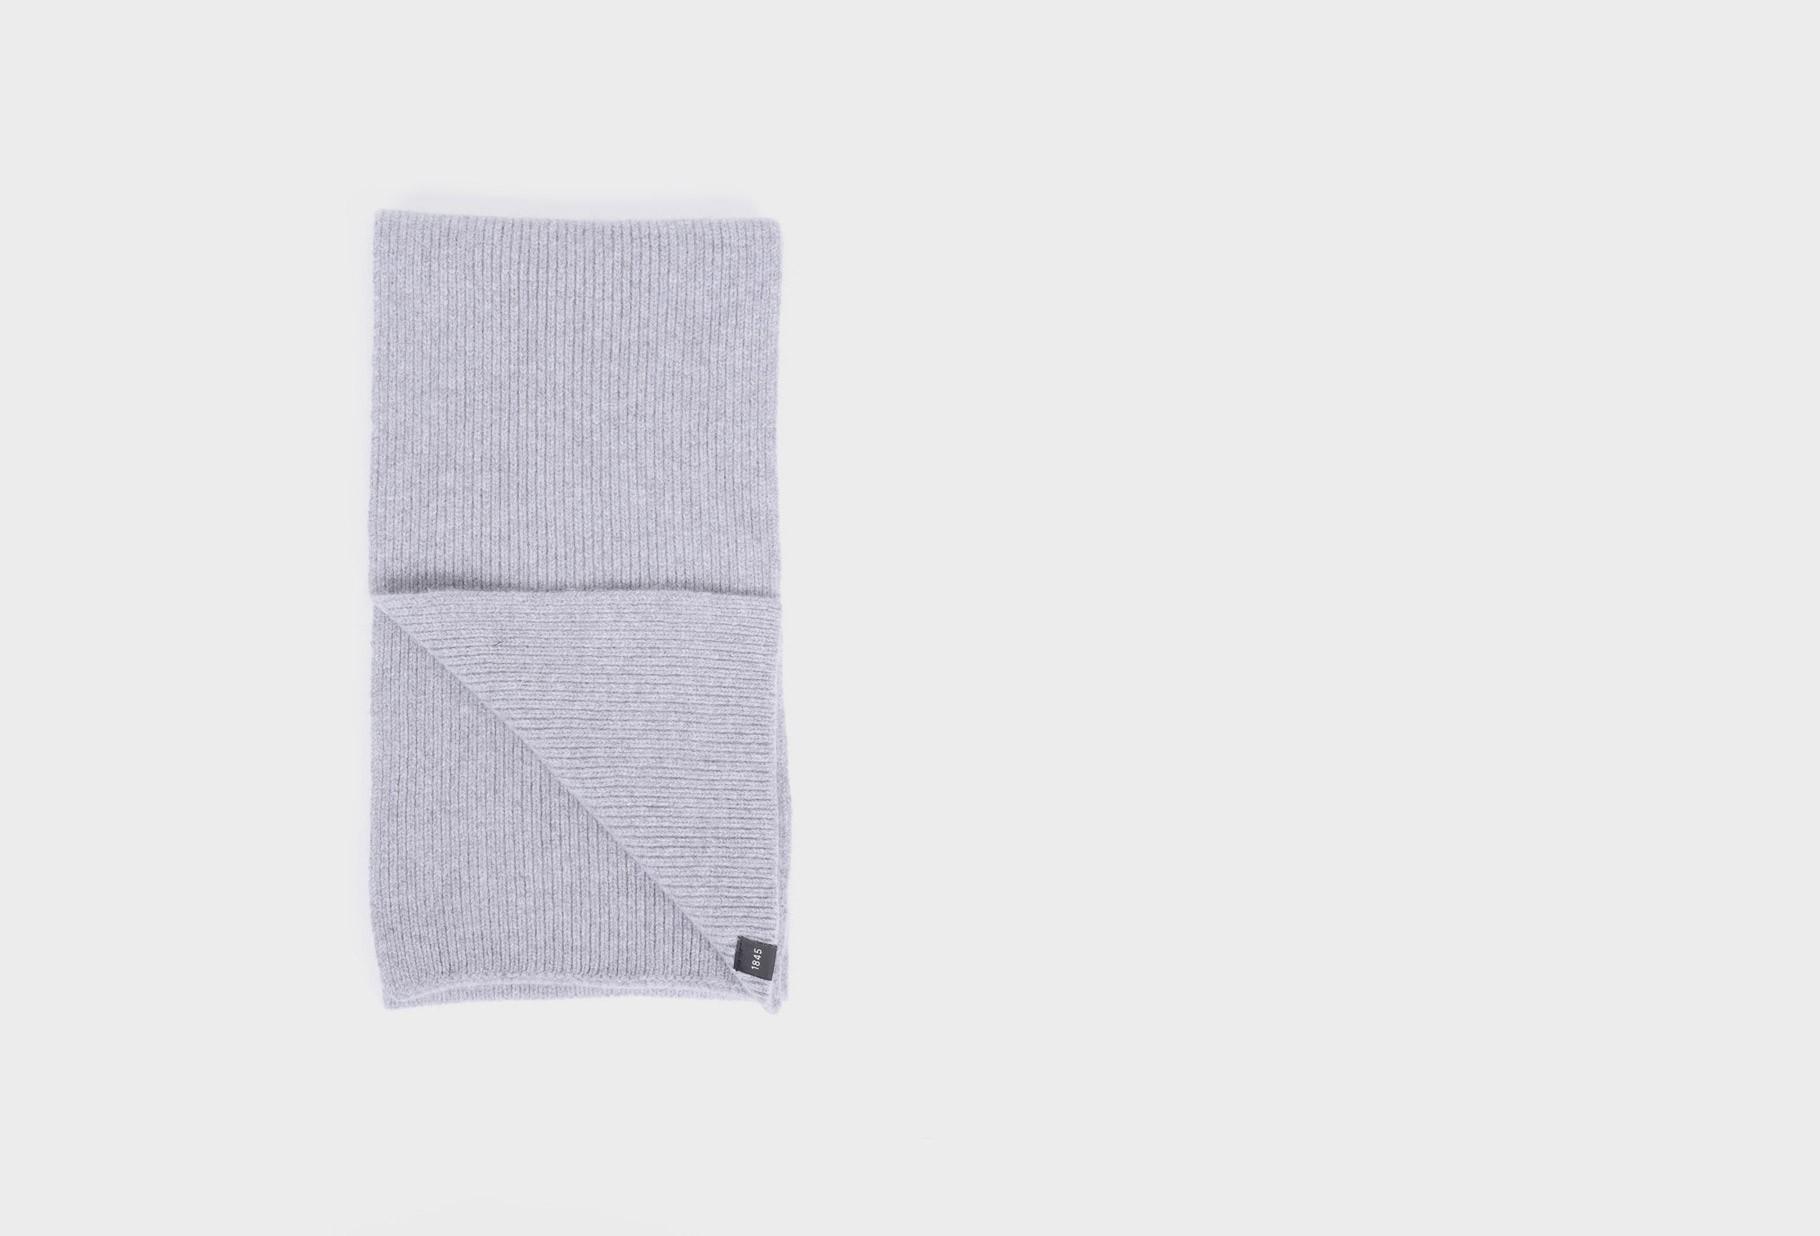 MACKIE / Barra scarf Shingle